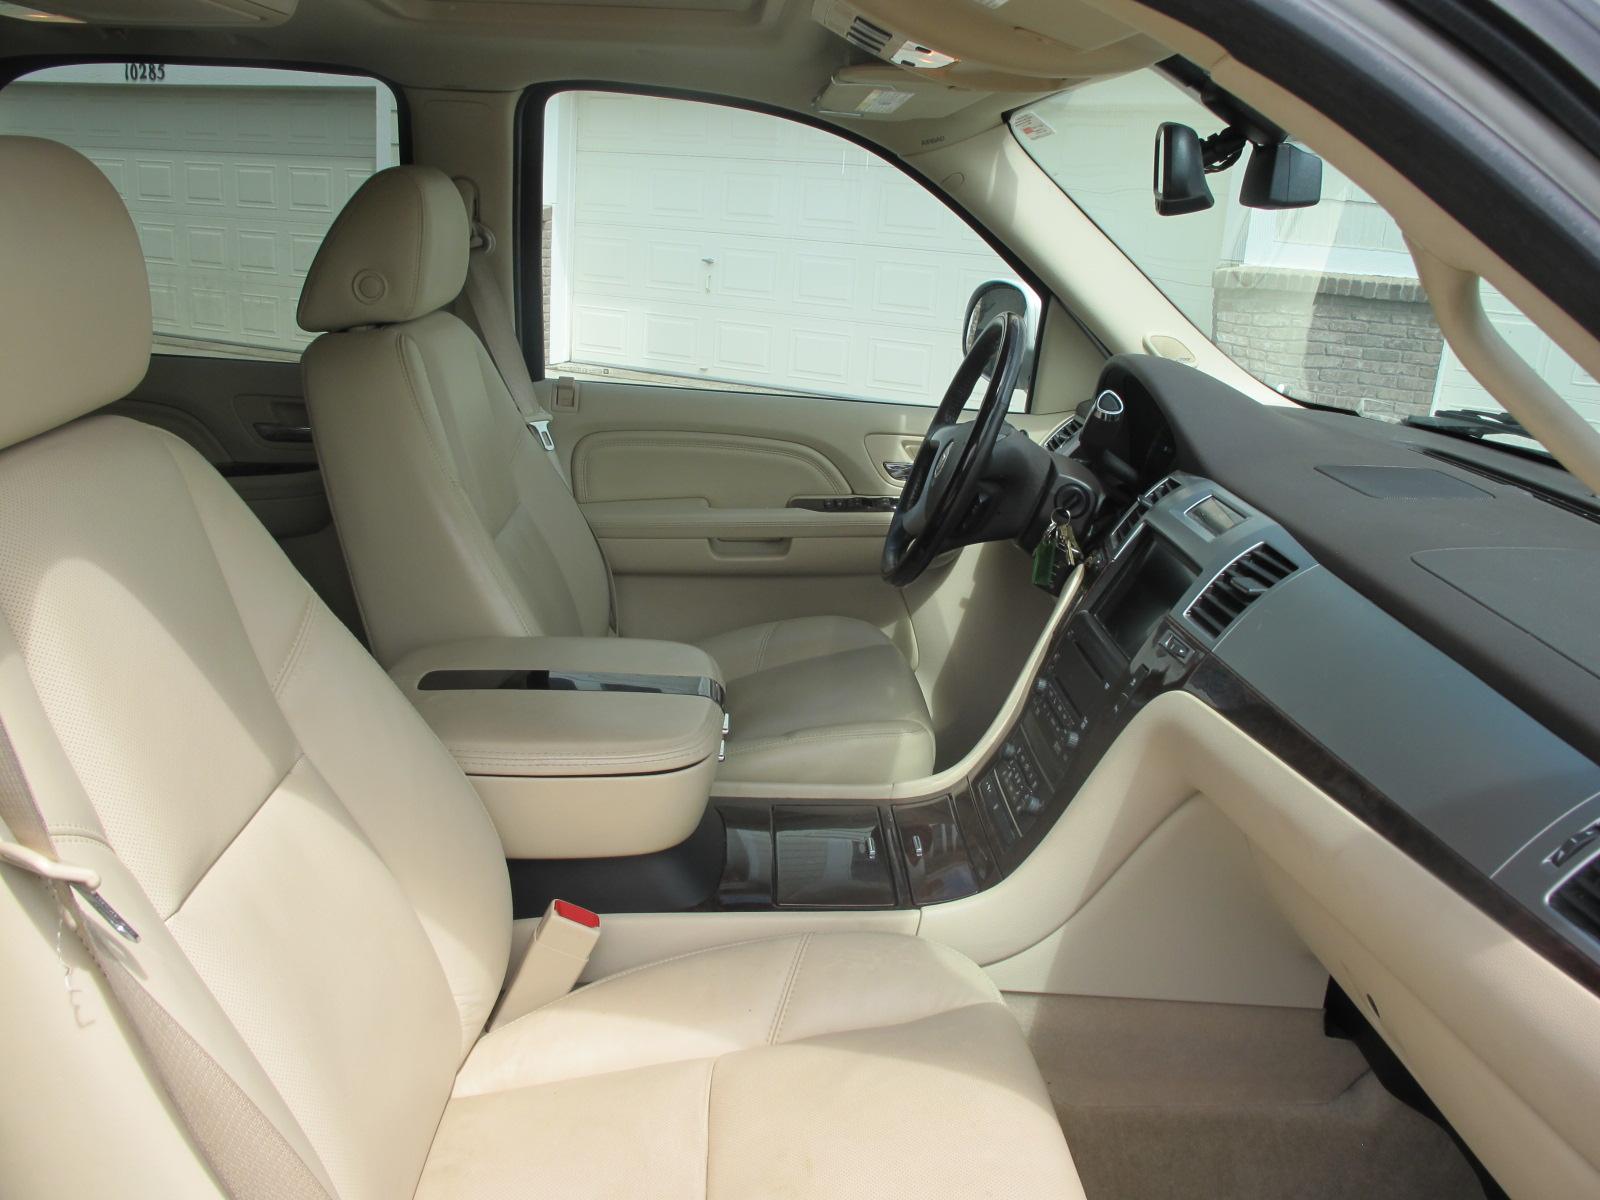 2008 Cadillac Escalade Interior Pictures Cargurus